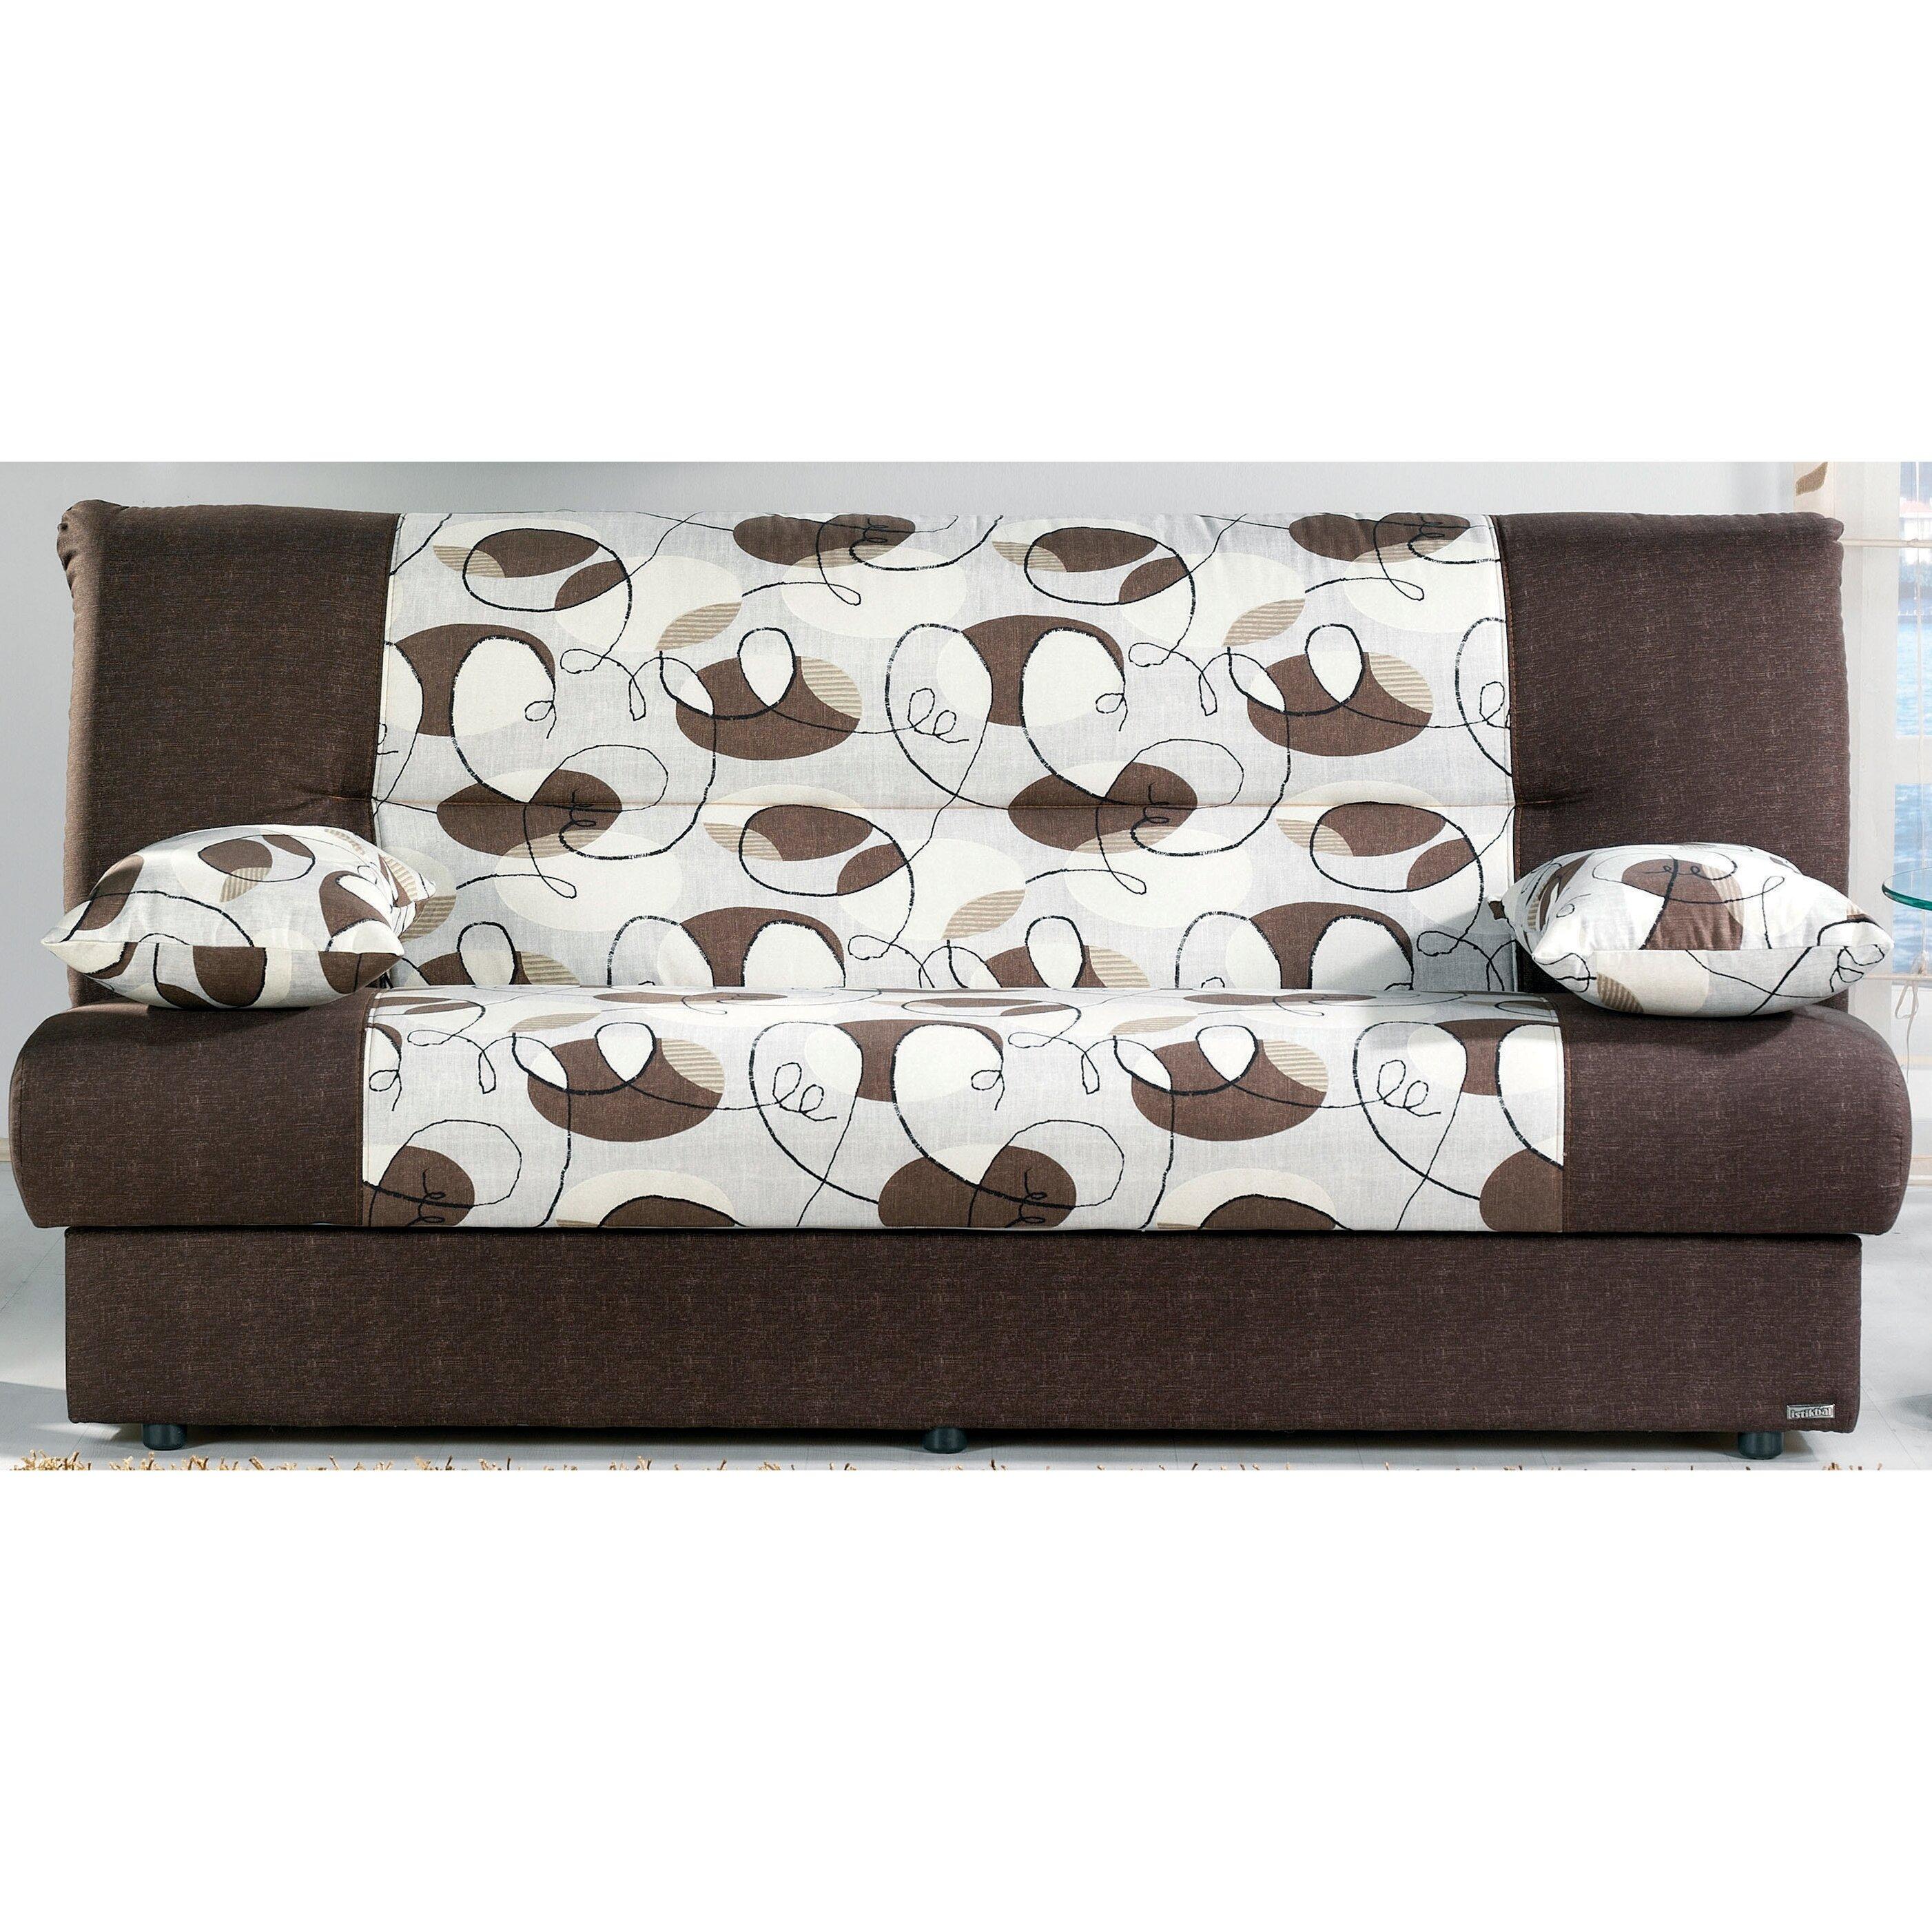 Microfiber Sofa Reviews 28 Images Microfiber Sofa Bed